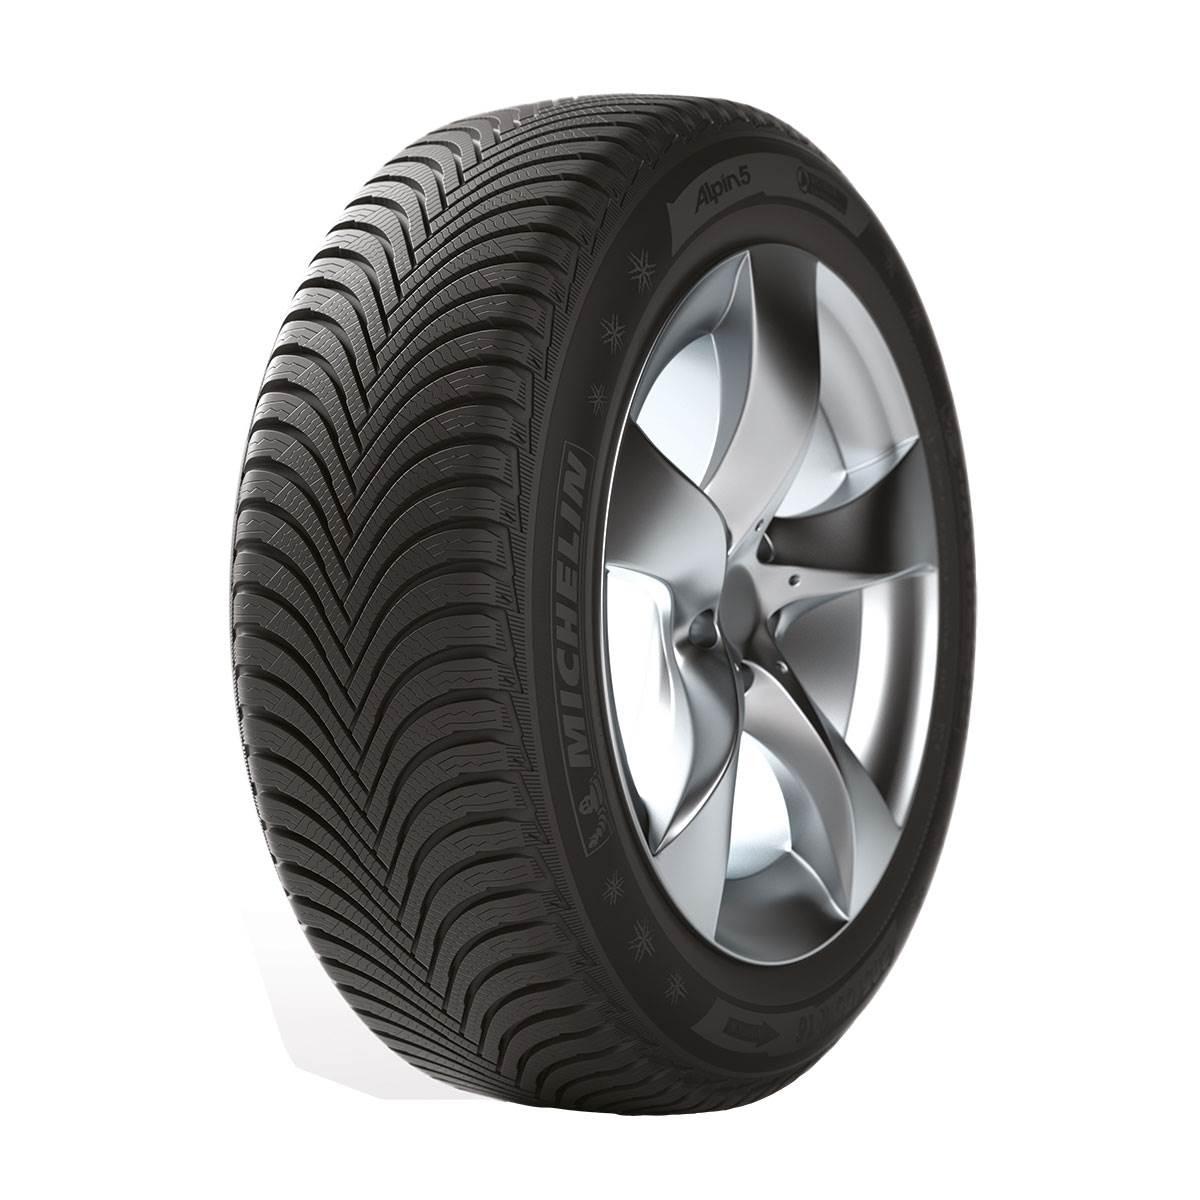 Pneu Hiver Michelin 225/50R17 94H Alpin A5